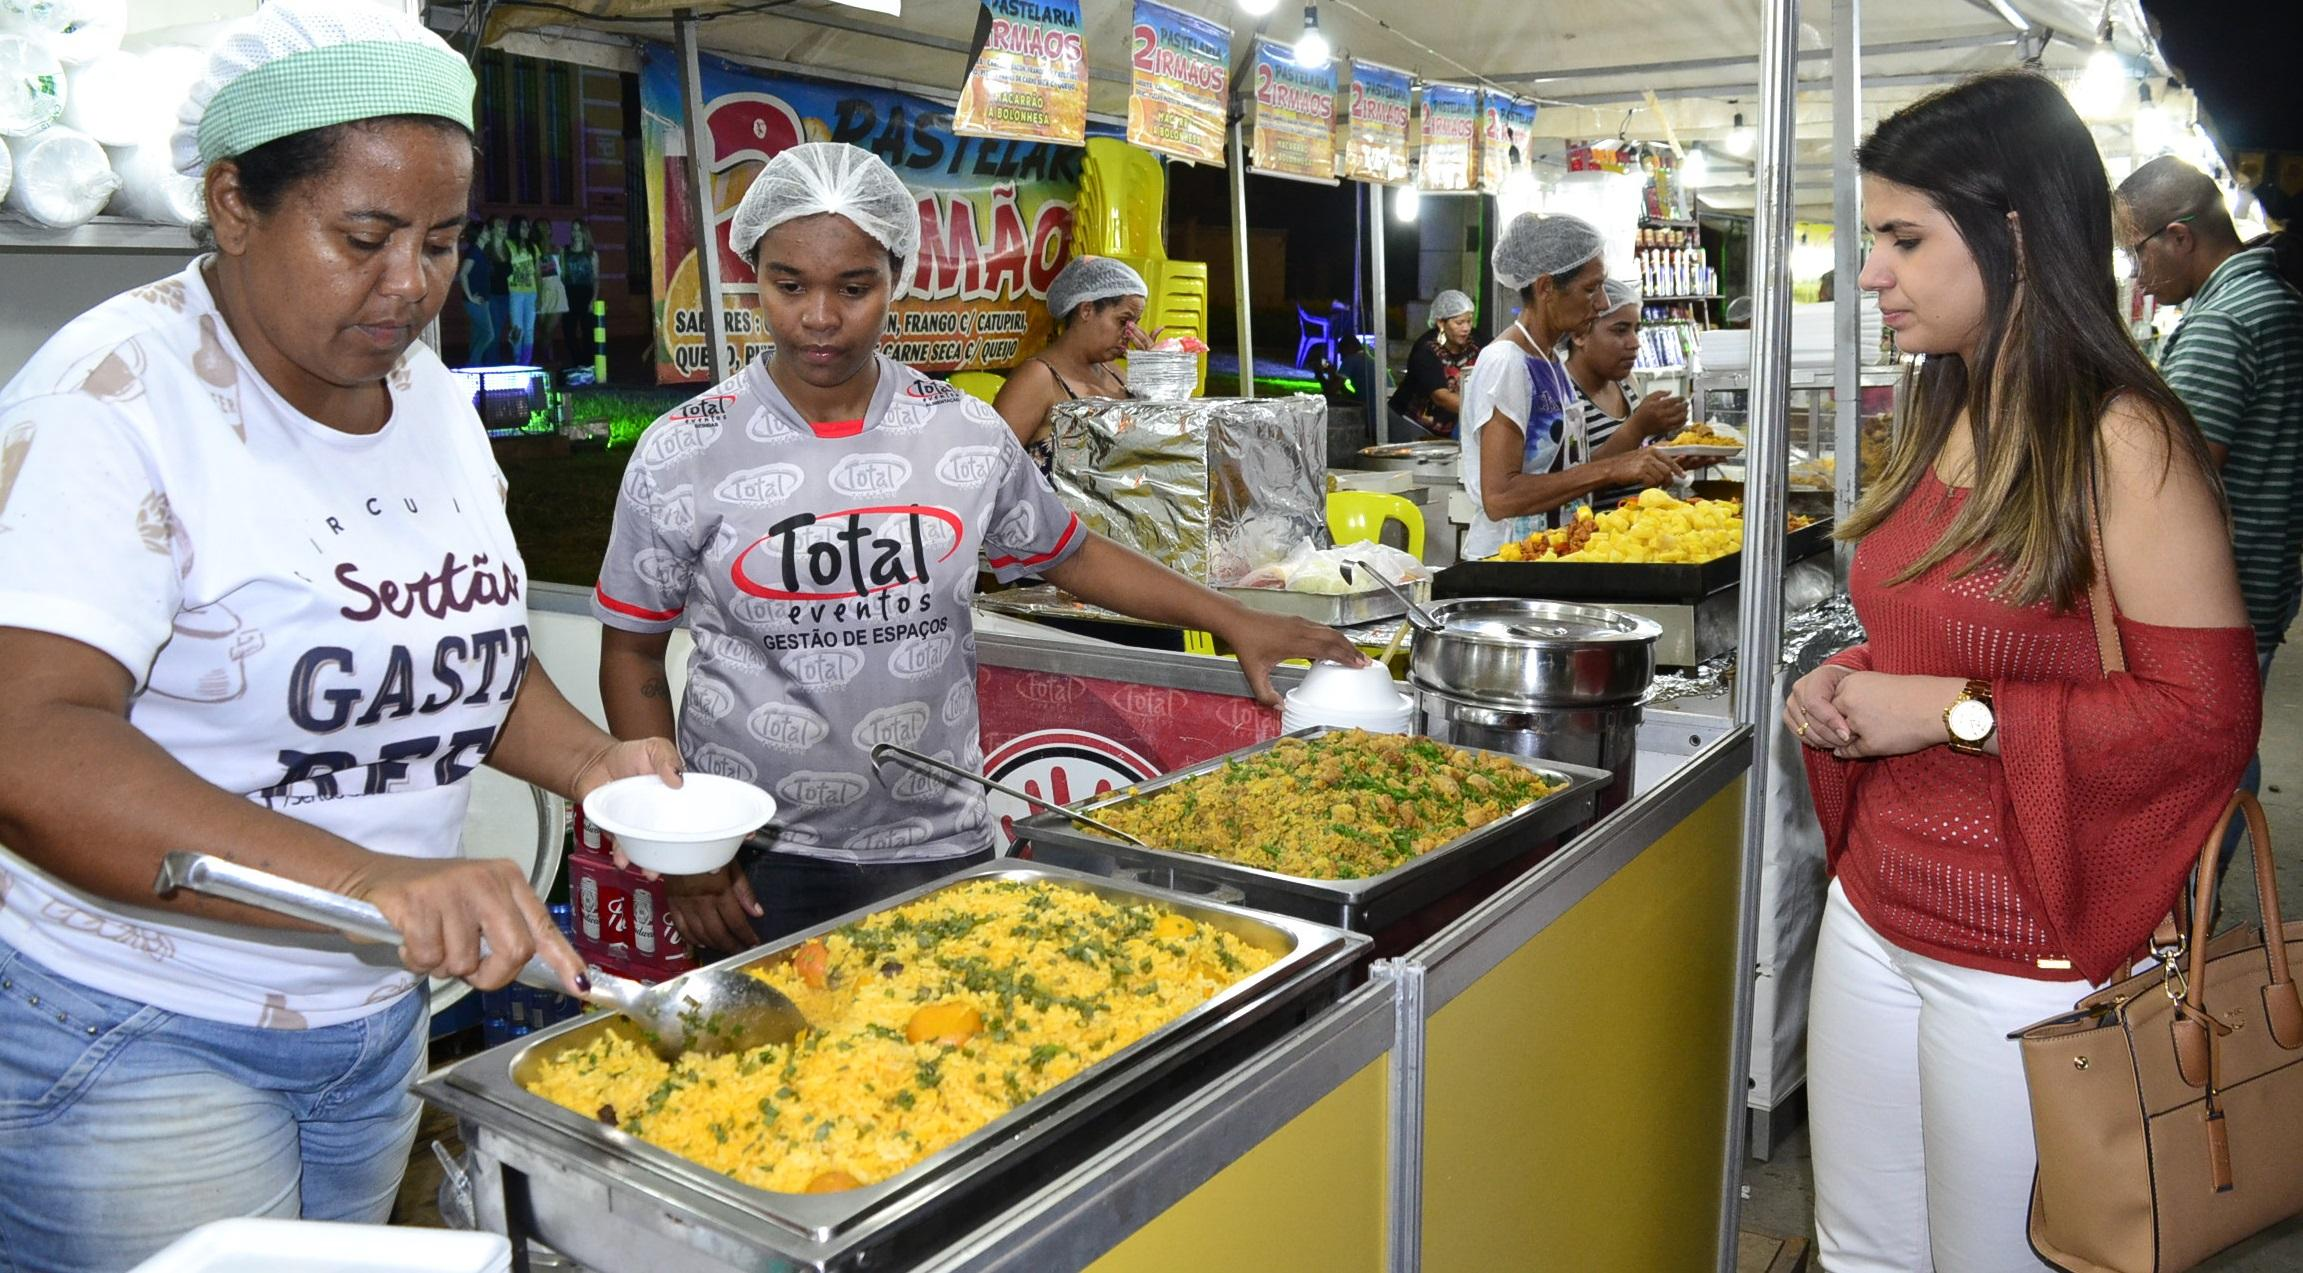 Imagem de destaque Prefeitura realiza sorteio para definir comerciantes das Festas de Agosto